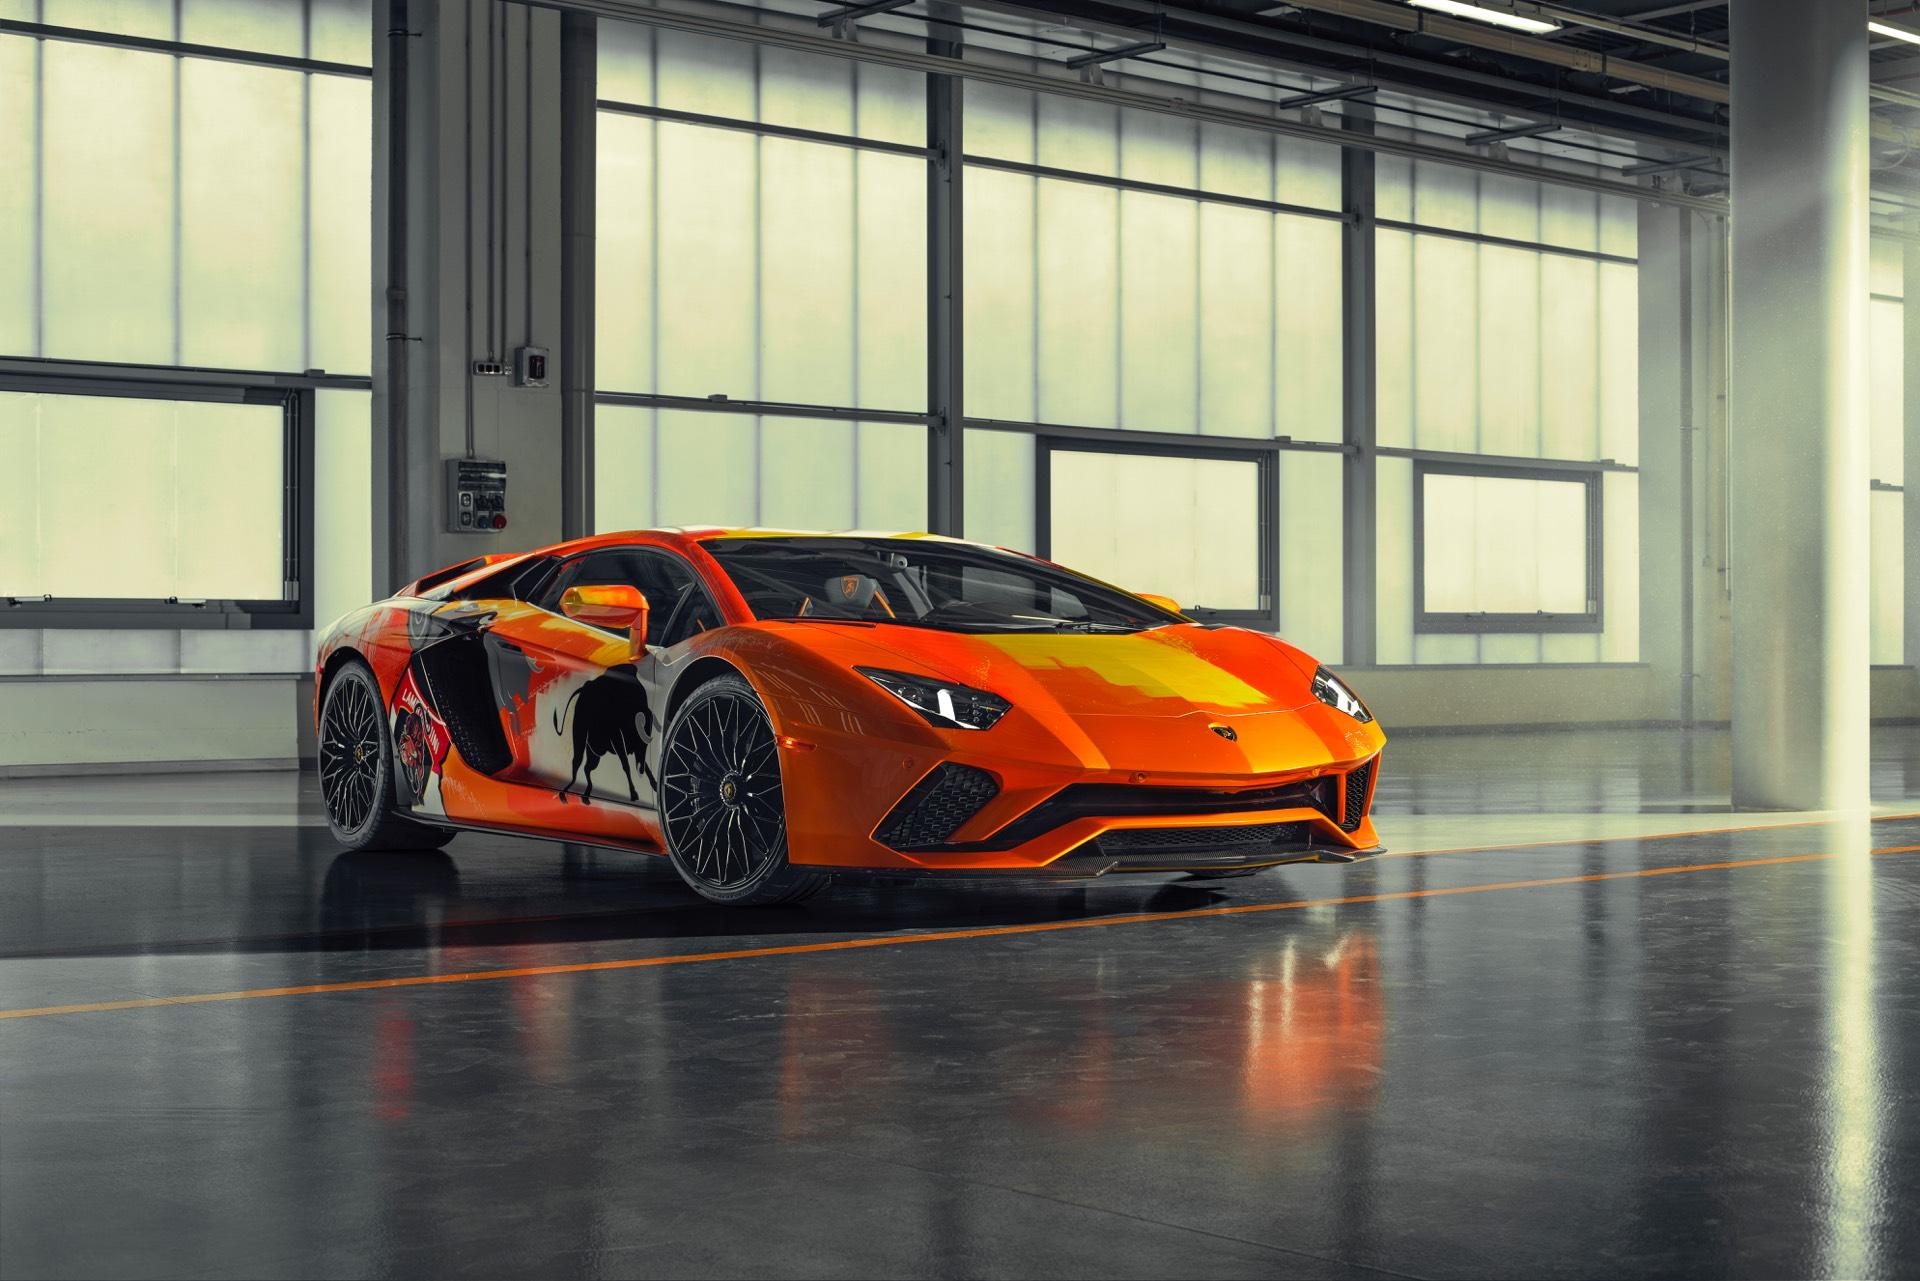 Skyler-Grey-Lamborghini-Aventador-S-Art-Car28